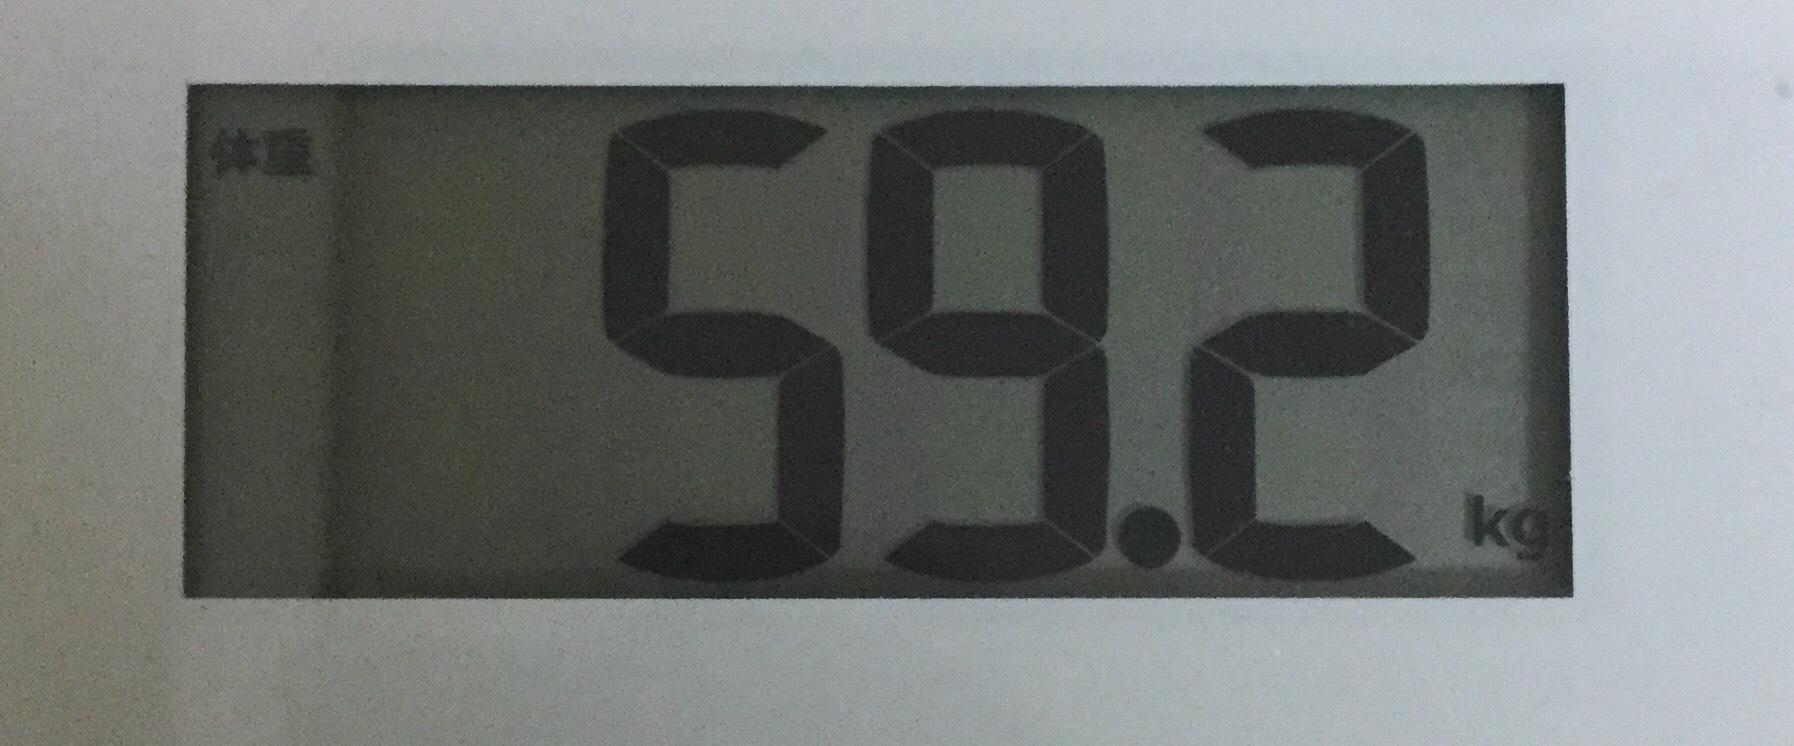 ライザップが終わった日の体重